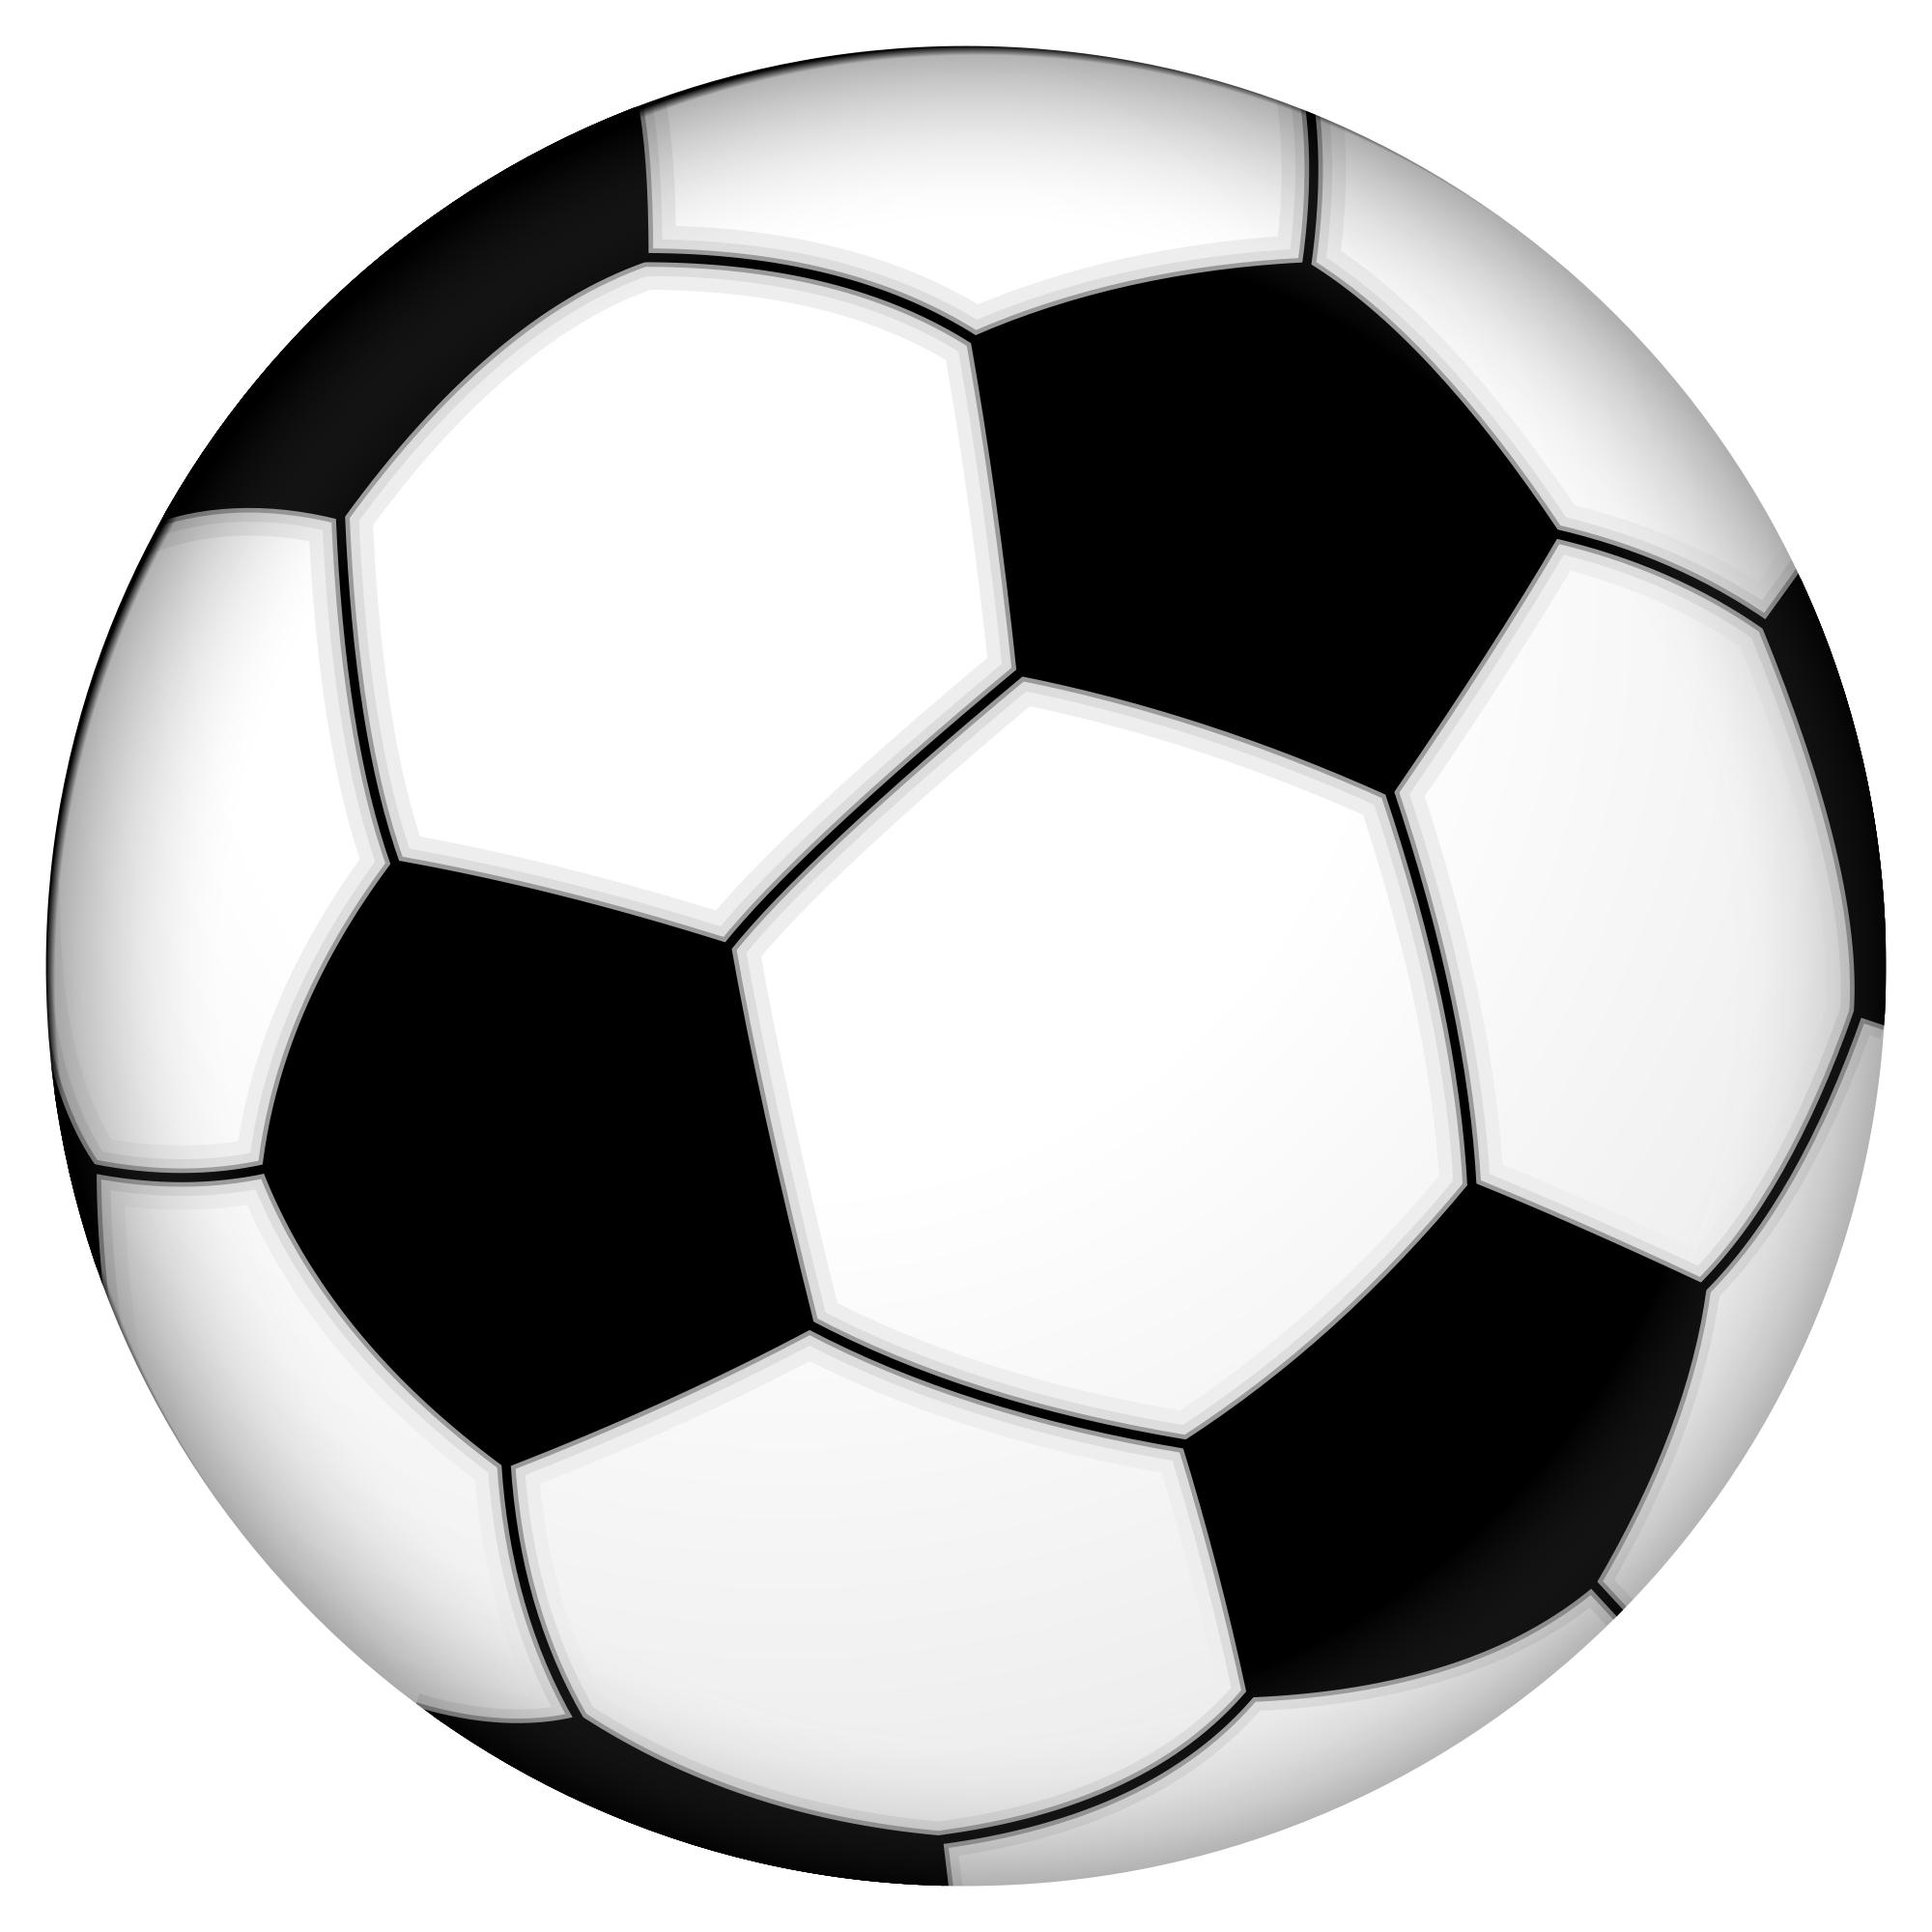 2000x2000 Top 54 Soccer Ball Clip Art